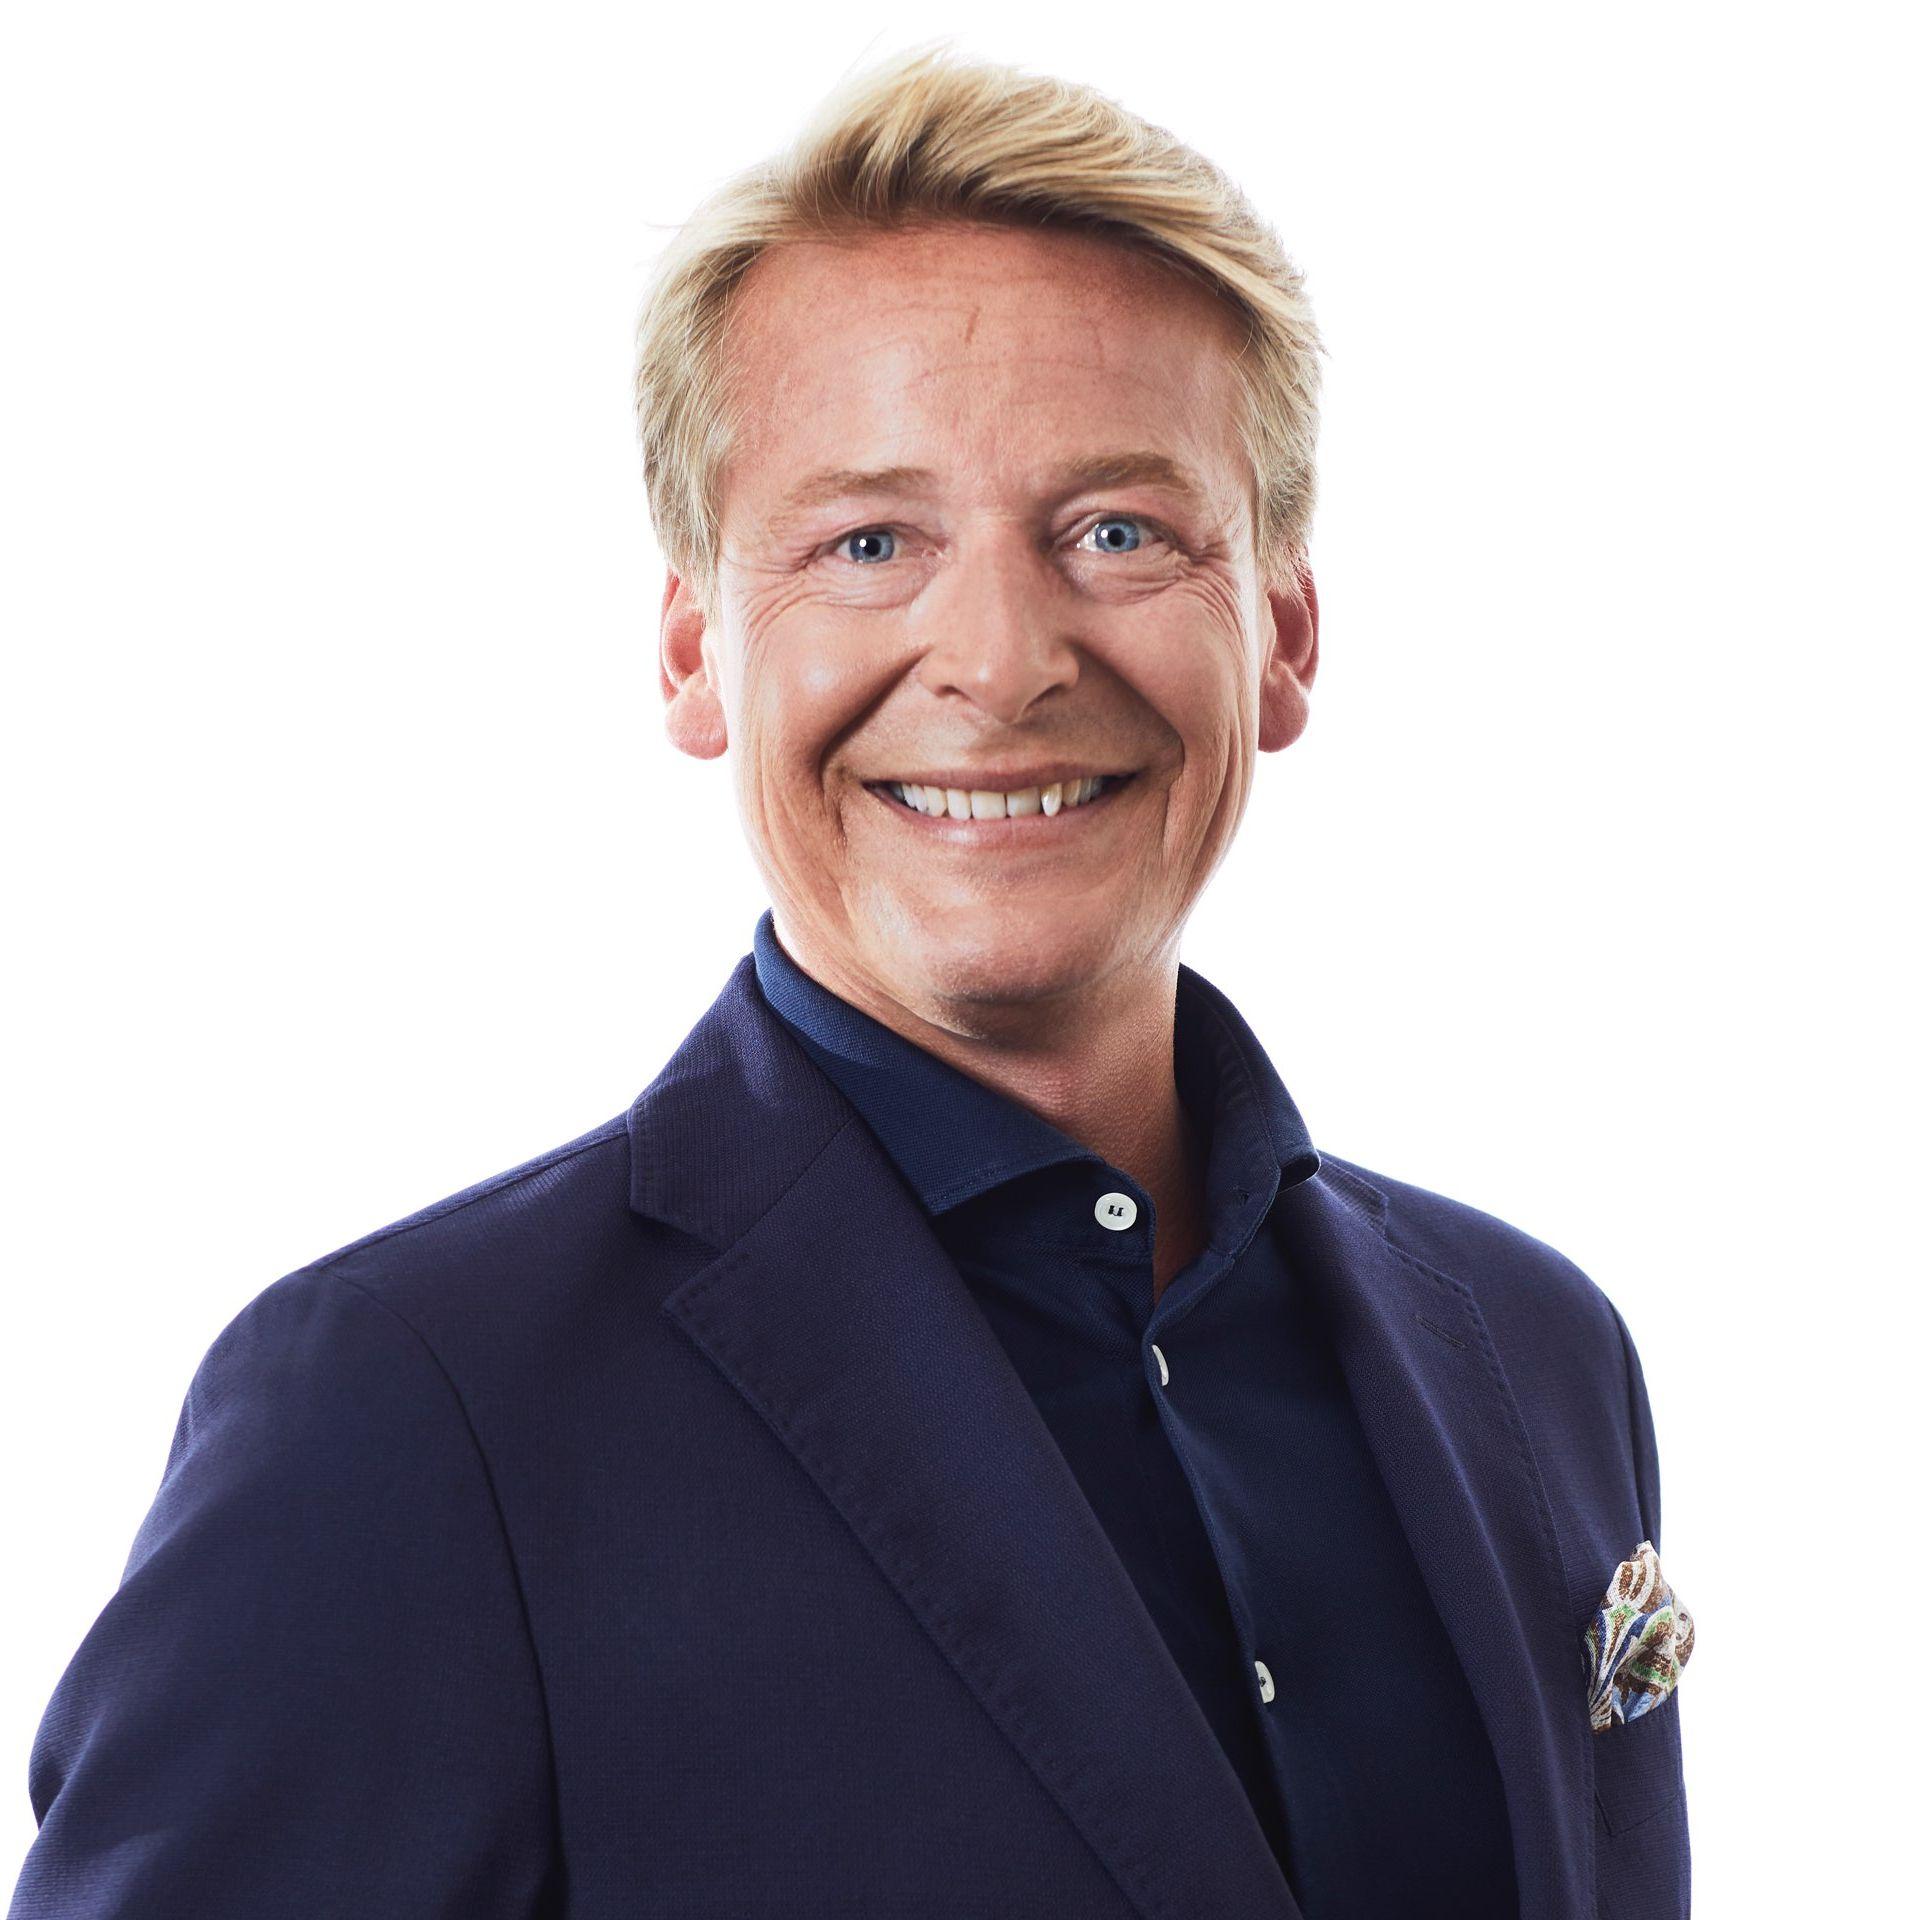 Christian Kohlhase